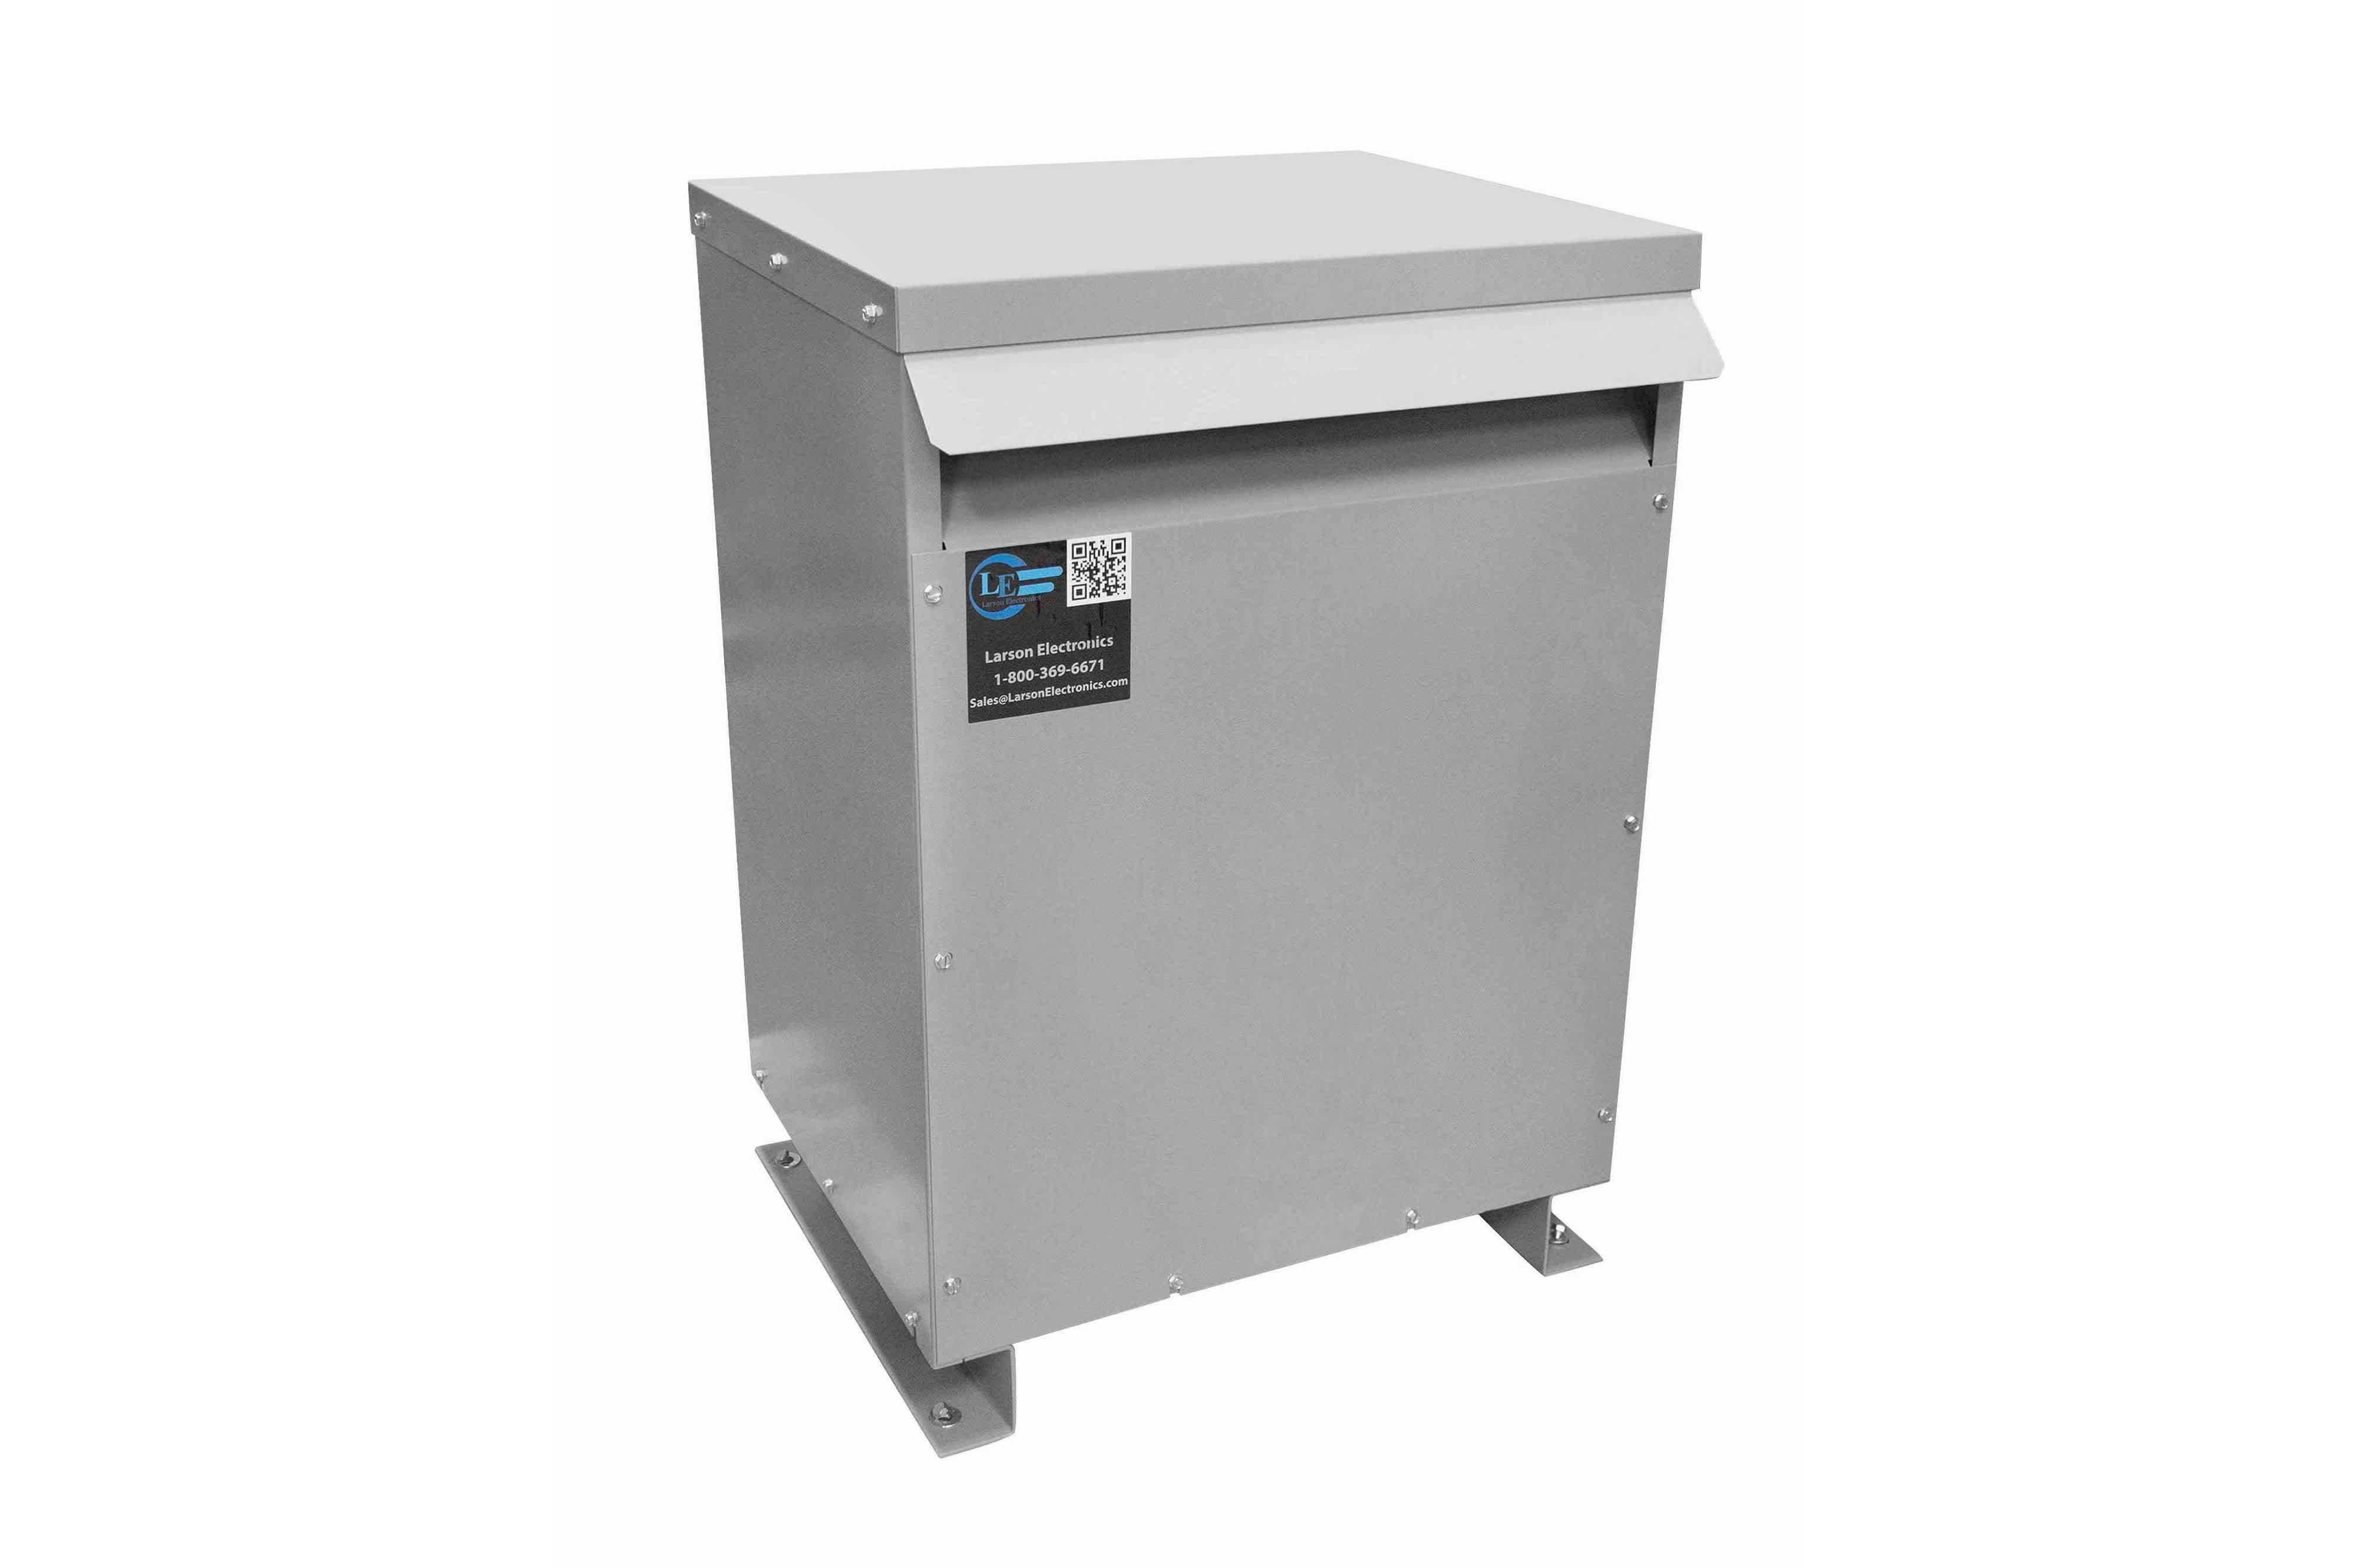 70 kVA 3PH Isolation Transformer, 440V Delta Primary, 208V Delta Secondary, N3R, Ventilated, 60 Hz